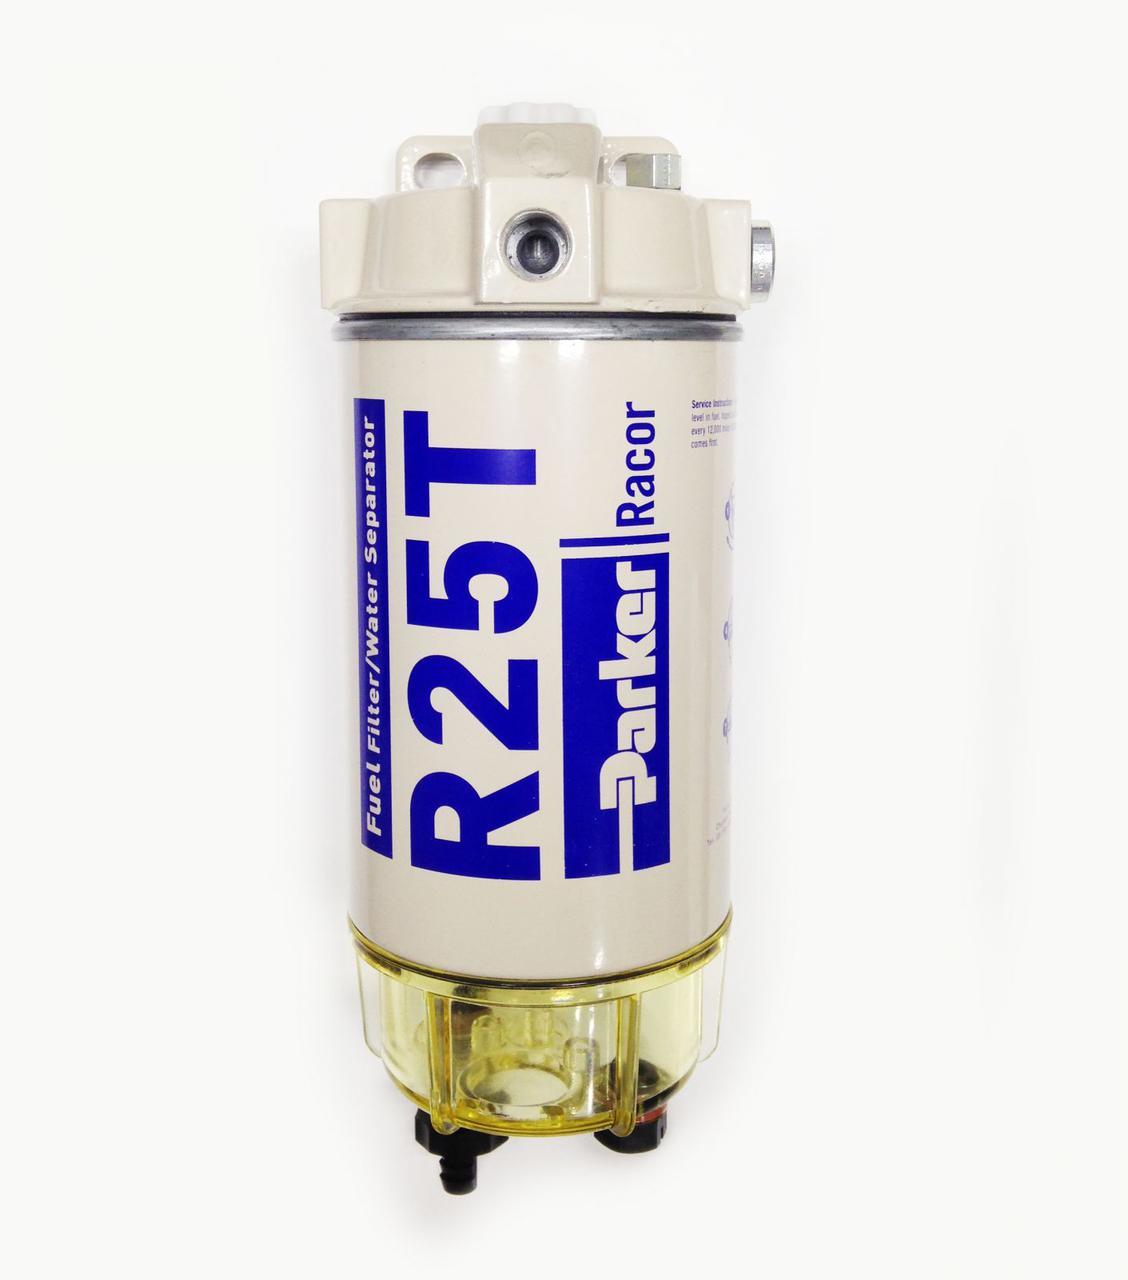 Фильтр сепаратор с подогревом и подкачкой Racor 245R1210MTC 10 мкм.